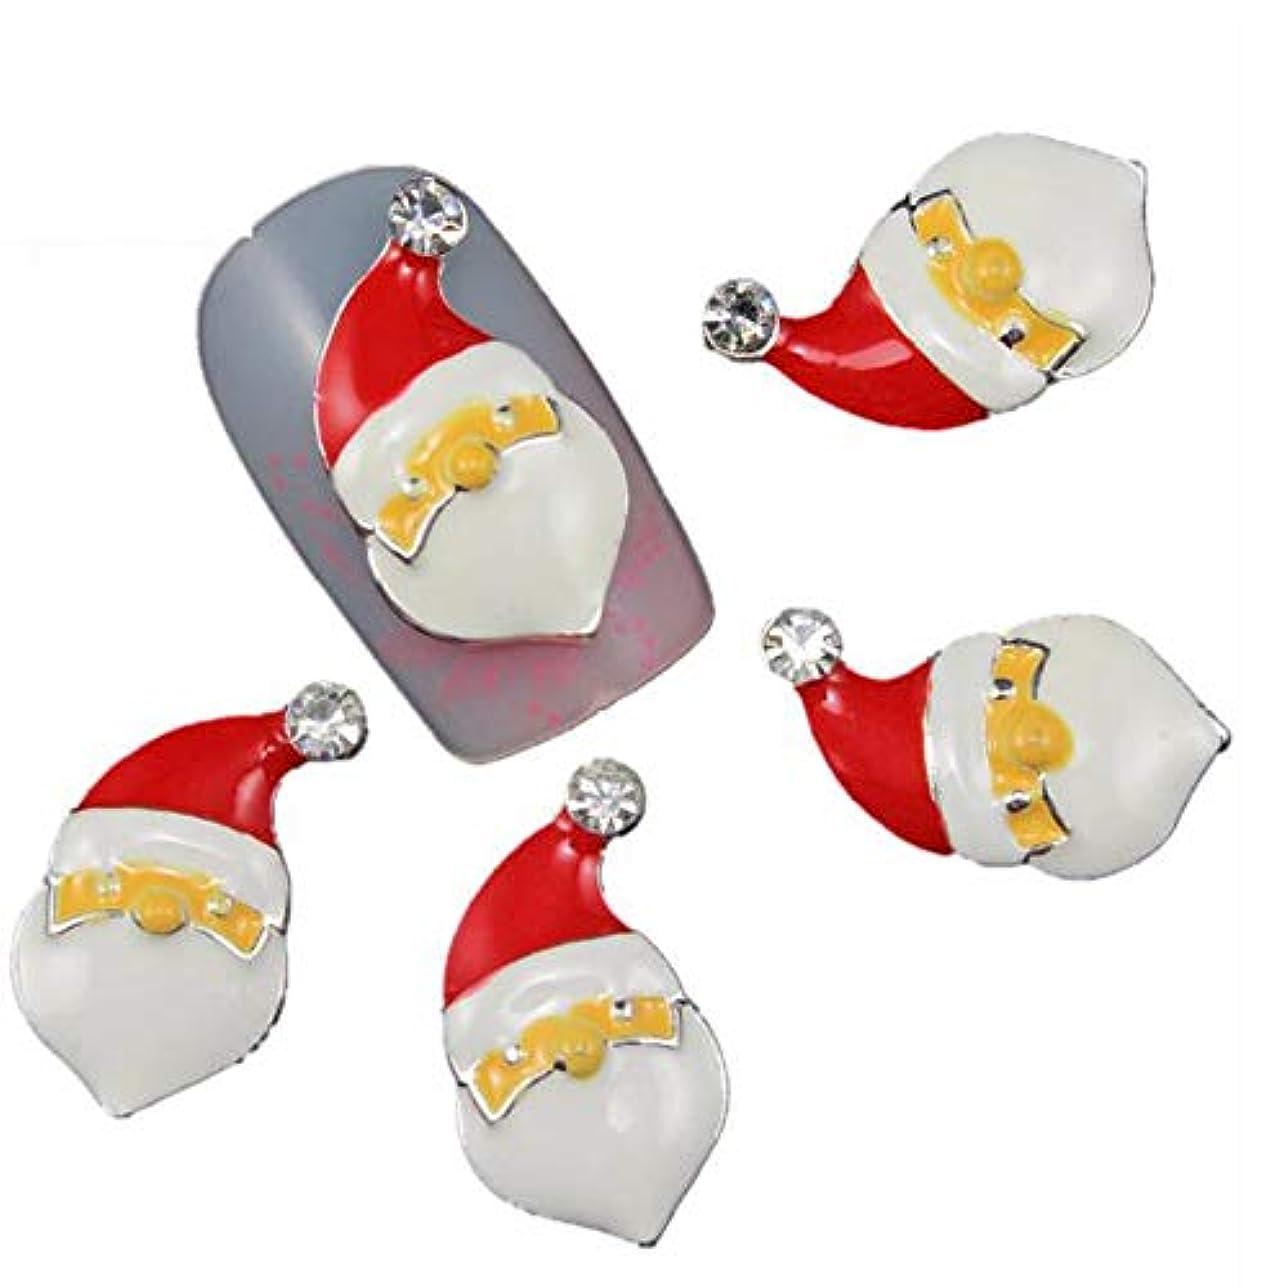 肝この宇宙のチャームの釘のために10個/ロット3Dクリスマスネイルアートクラシックサンタクロースデザインマニキュアの装飾のクリスタルラインストーン